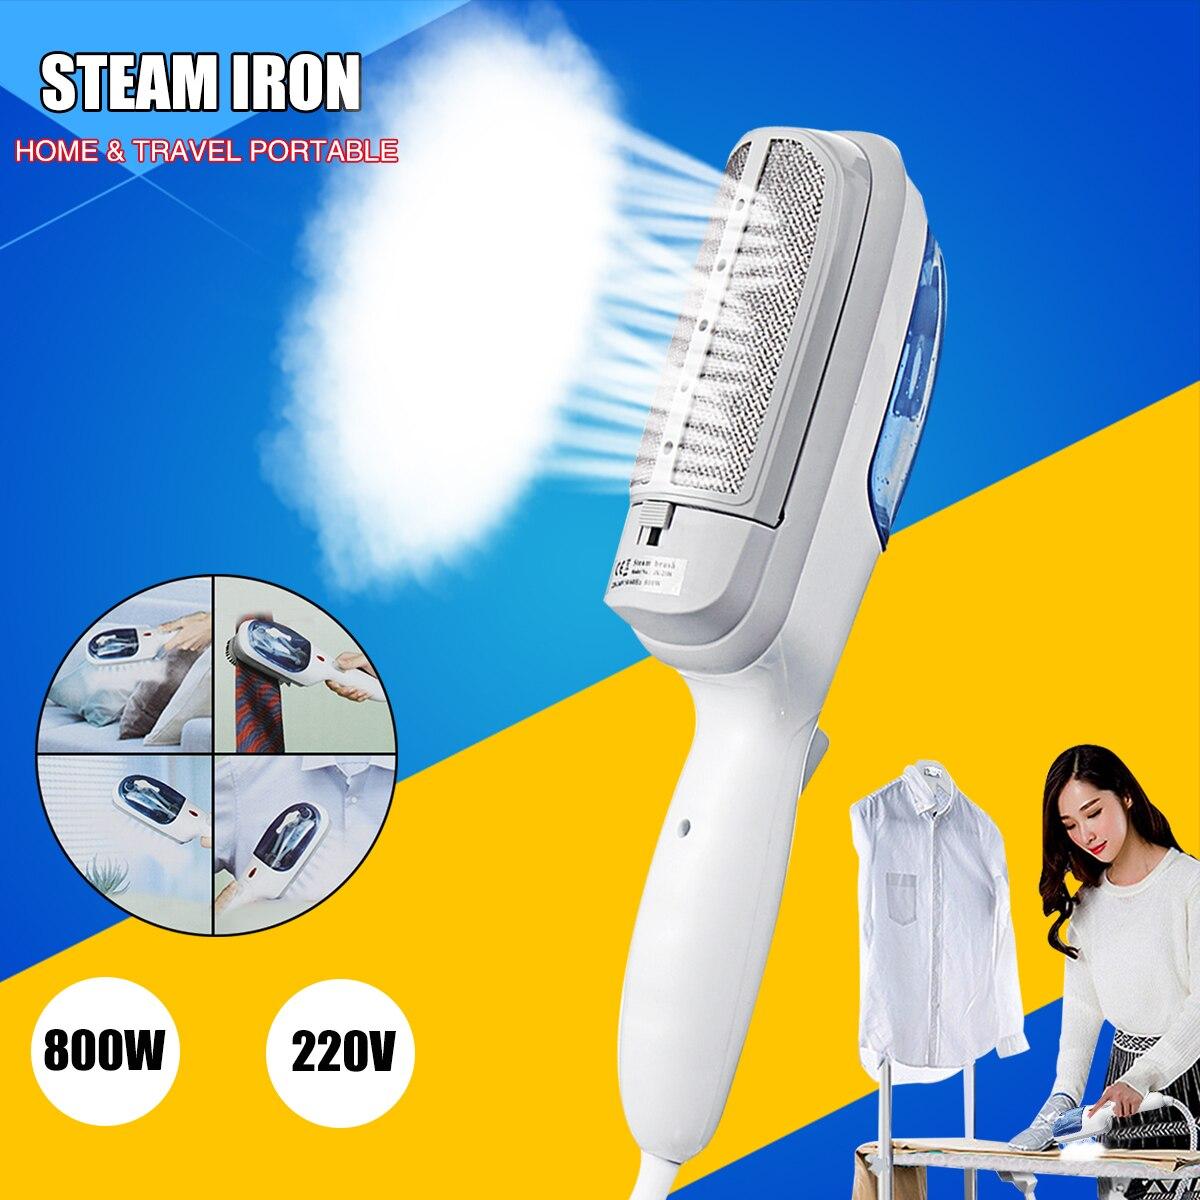 Warmtoo Portable Household Appliances 220V 800W Travel Handheld Iron Steamer Garment Steam Brush Hand Held for